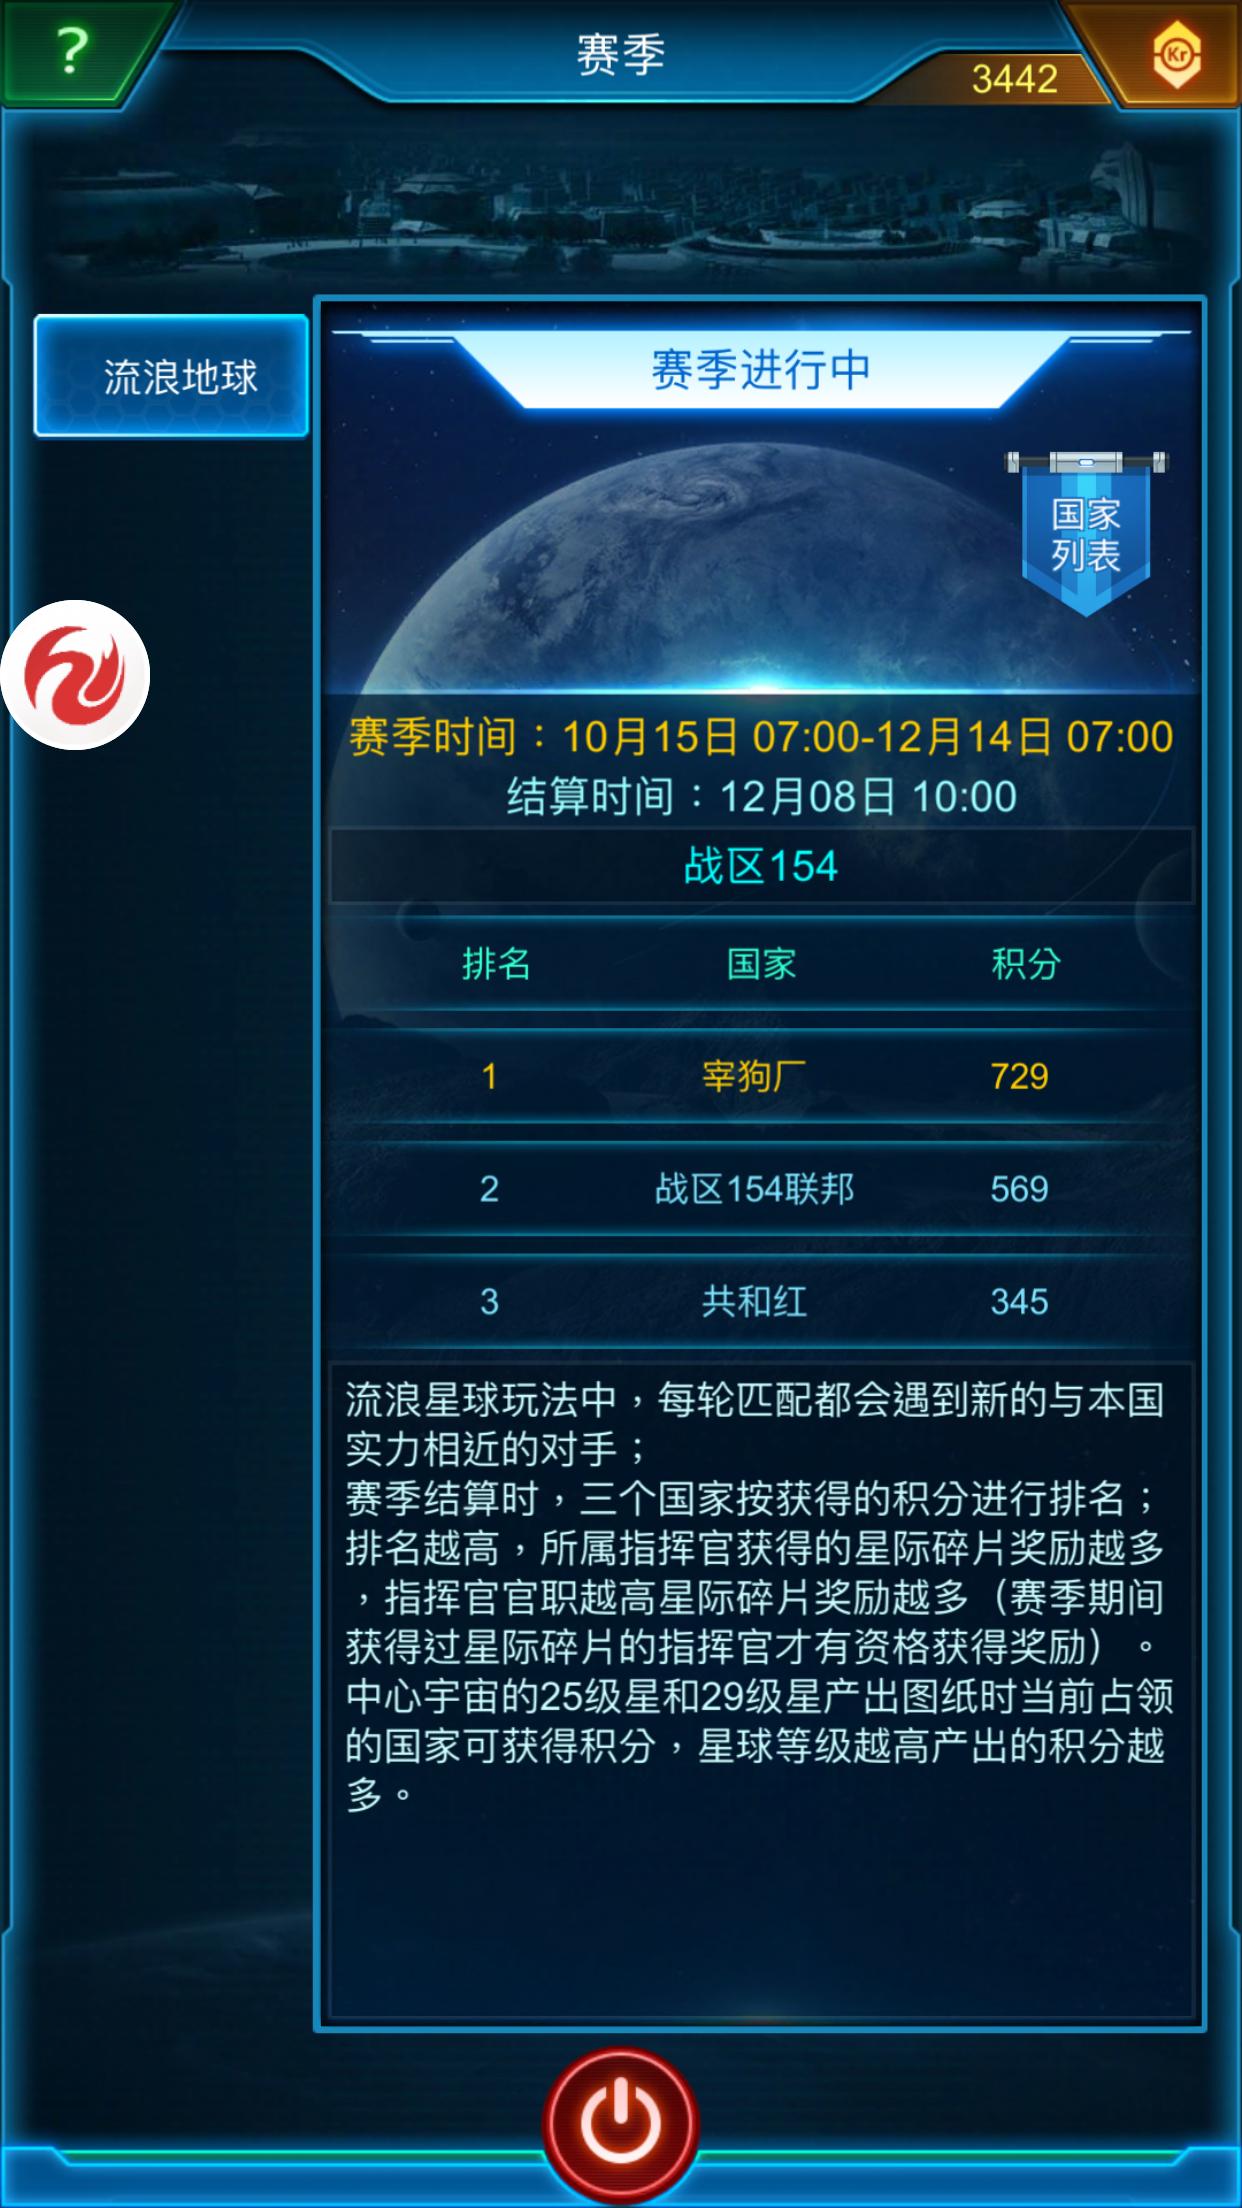 3C0644C4-D547-4517-9727-7FF149D5DC99.png